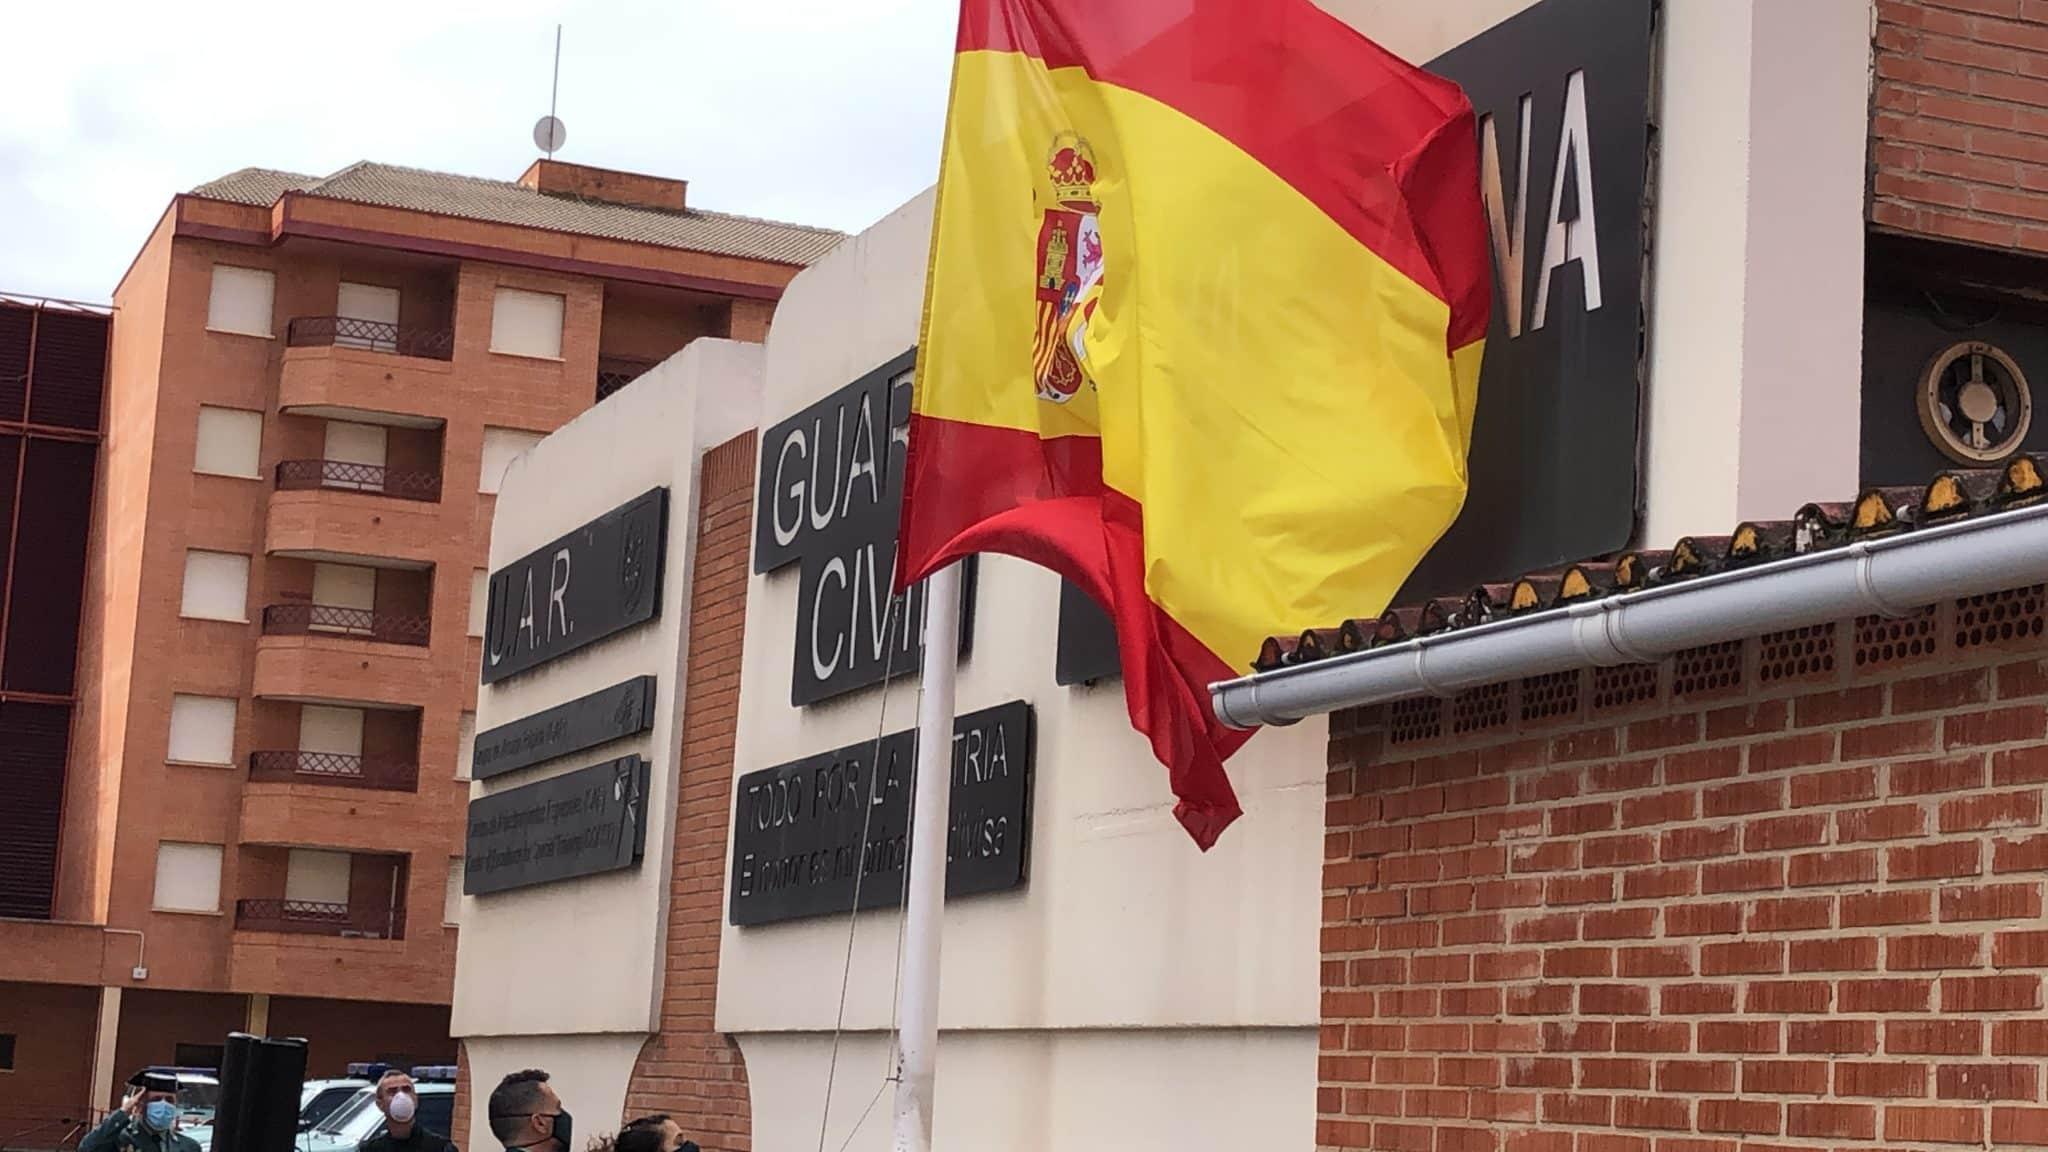 La Guardia Civil celebra en La Rioja de manera simbólica el 176º aniversario de su fundación 1